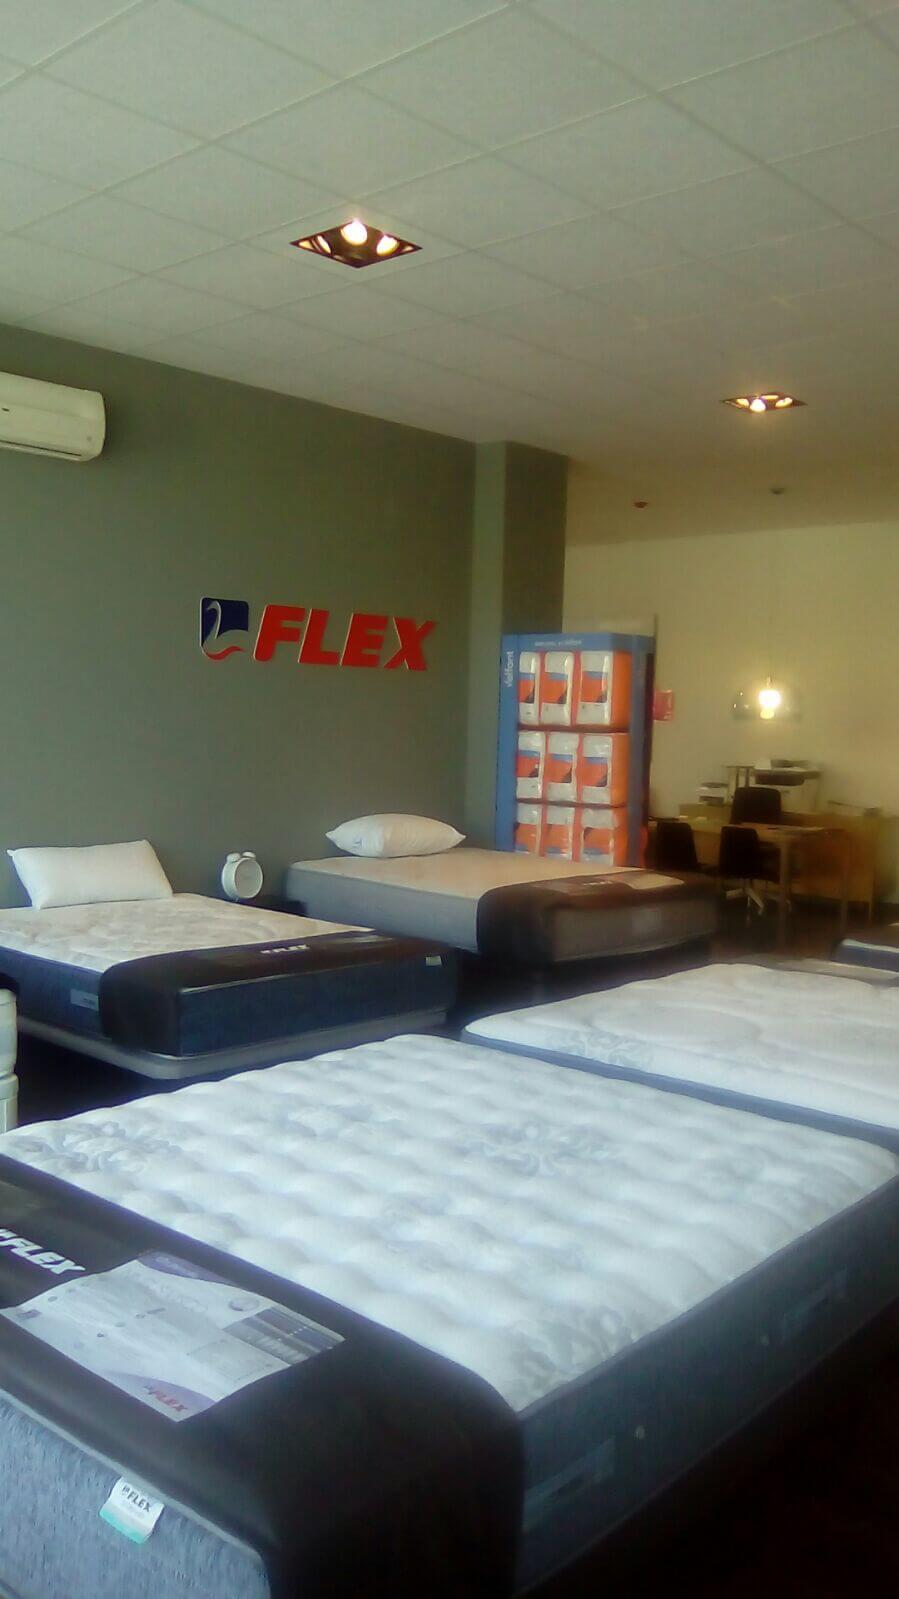 Flex Factory La Zenia Alicante